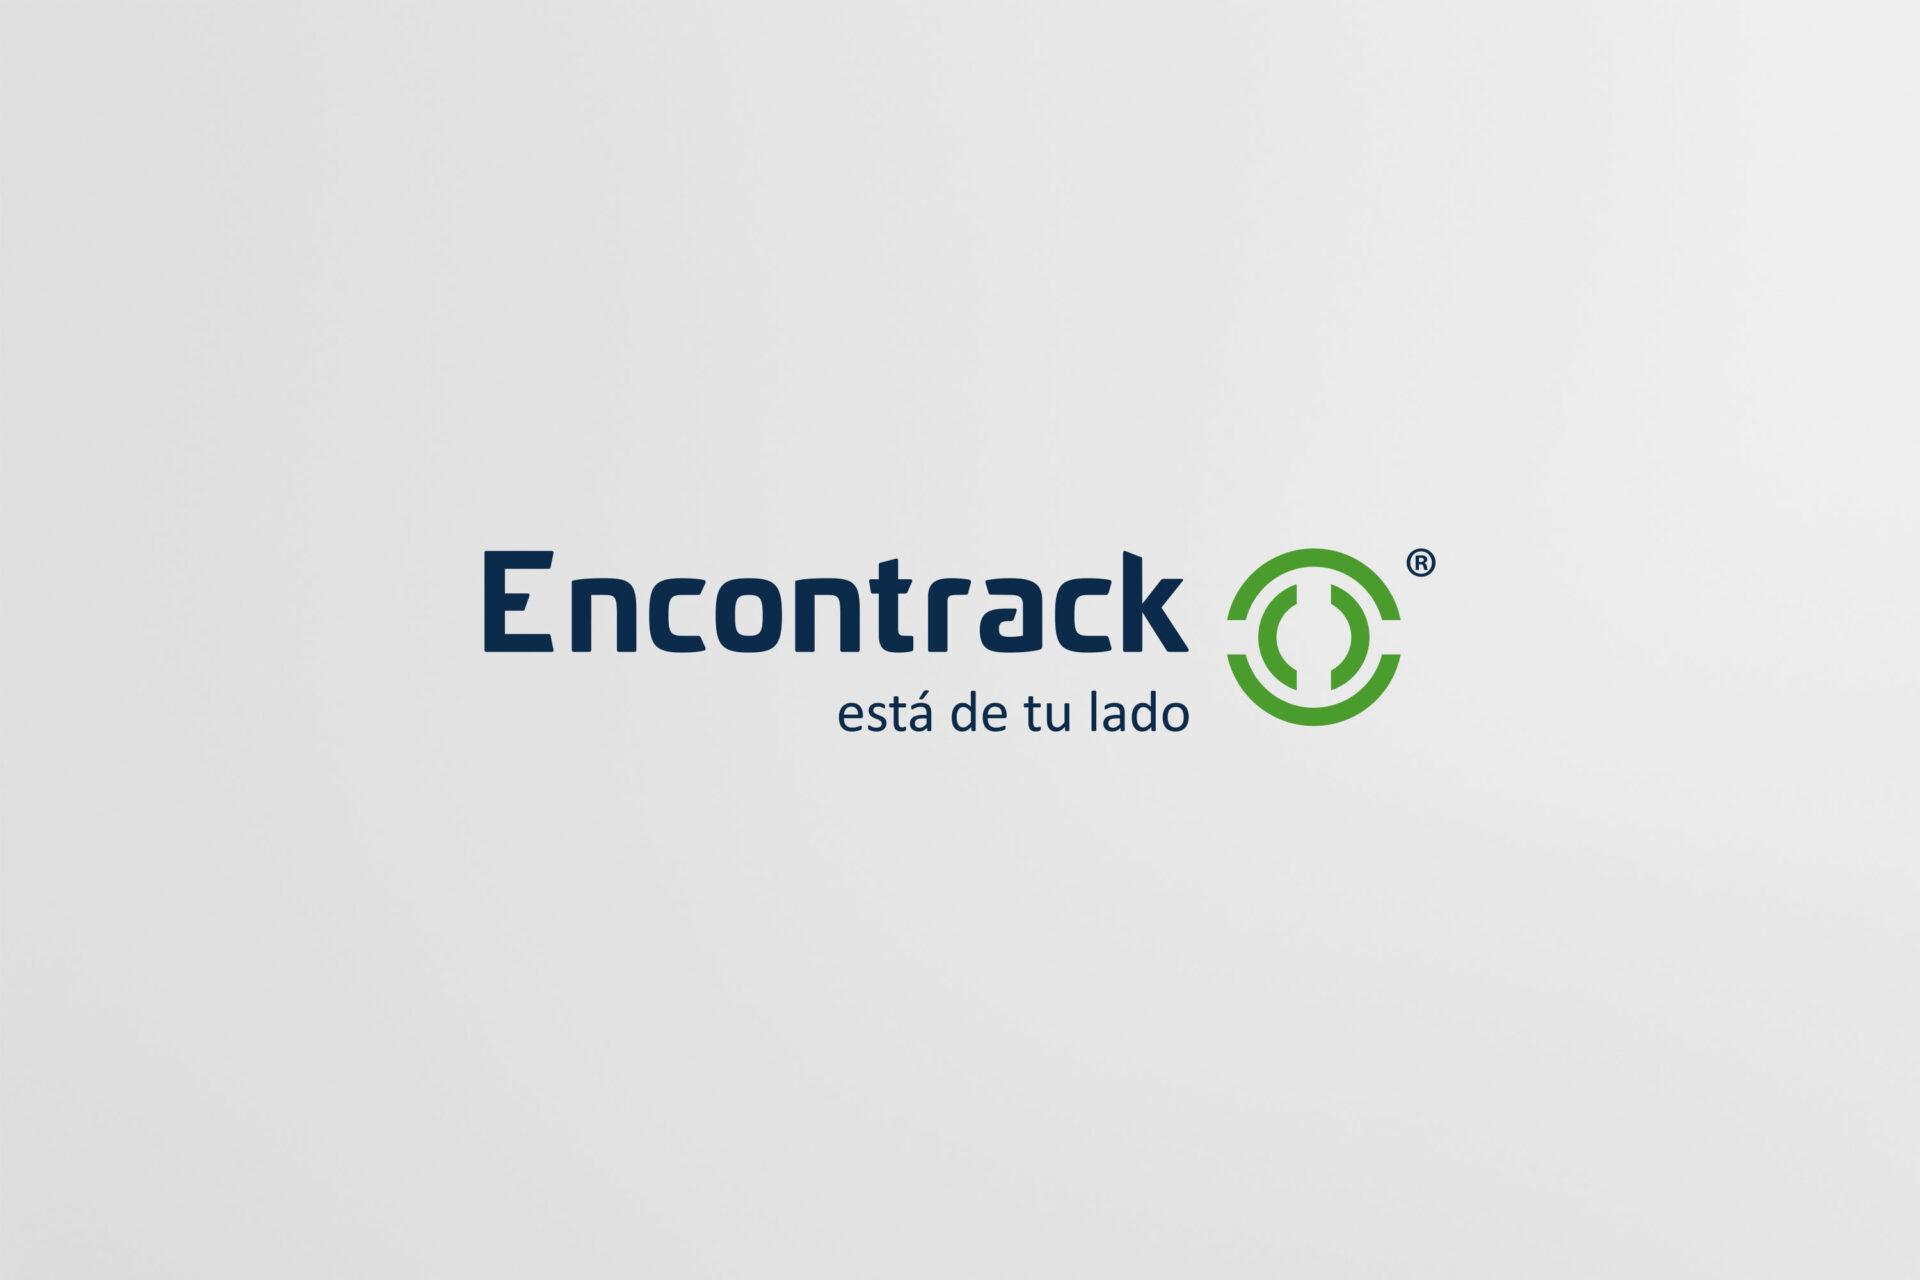 01-logo-encontrack